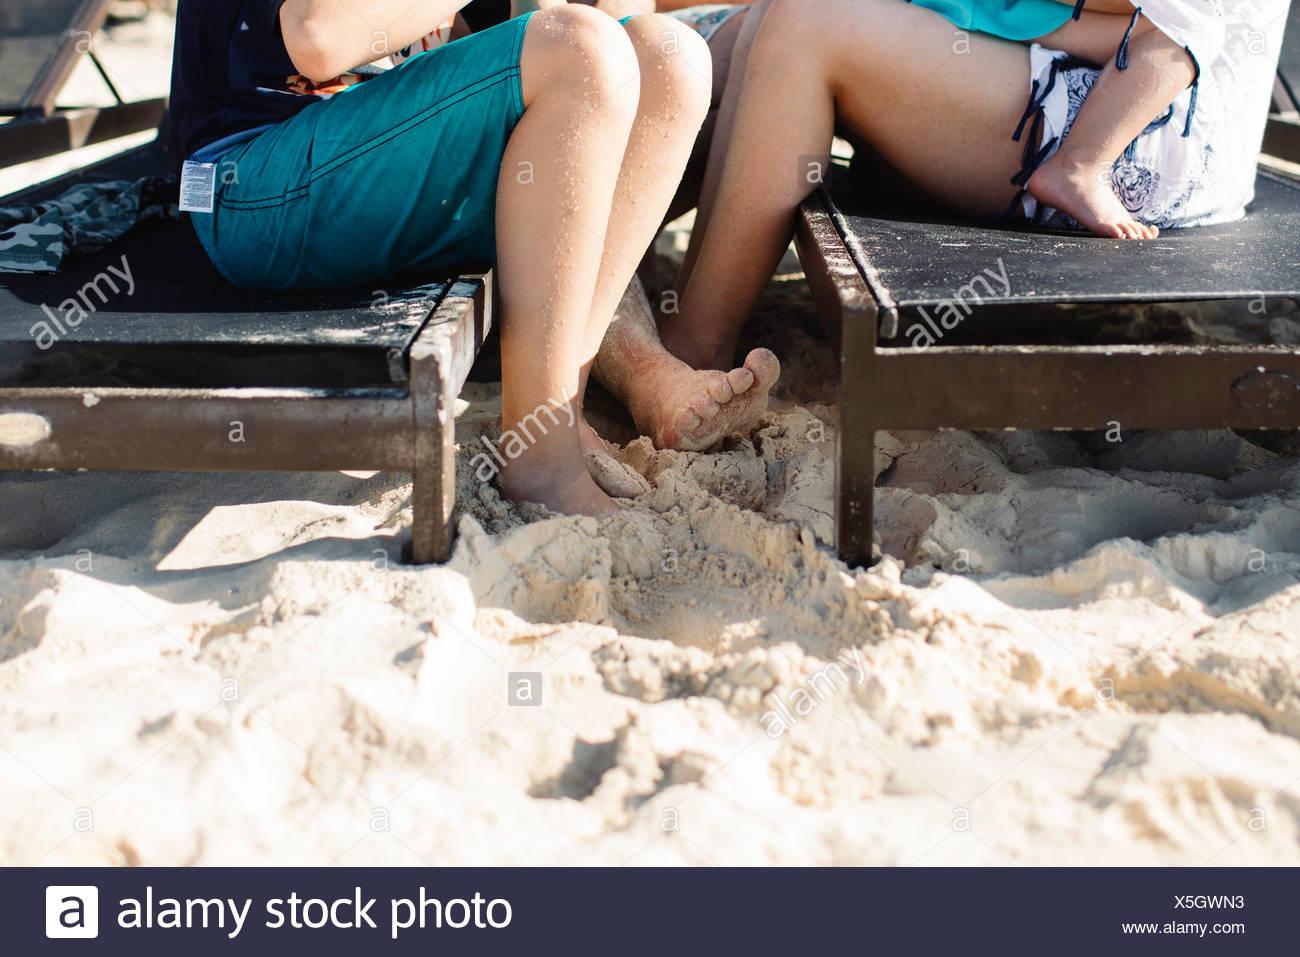 Mutter und Sohn sitzen auf Liegestühlen, Mutter, Tochter, niedrige Abschnitt Stockbild